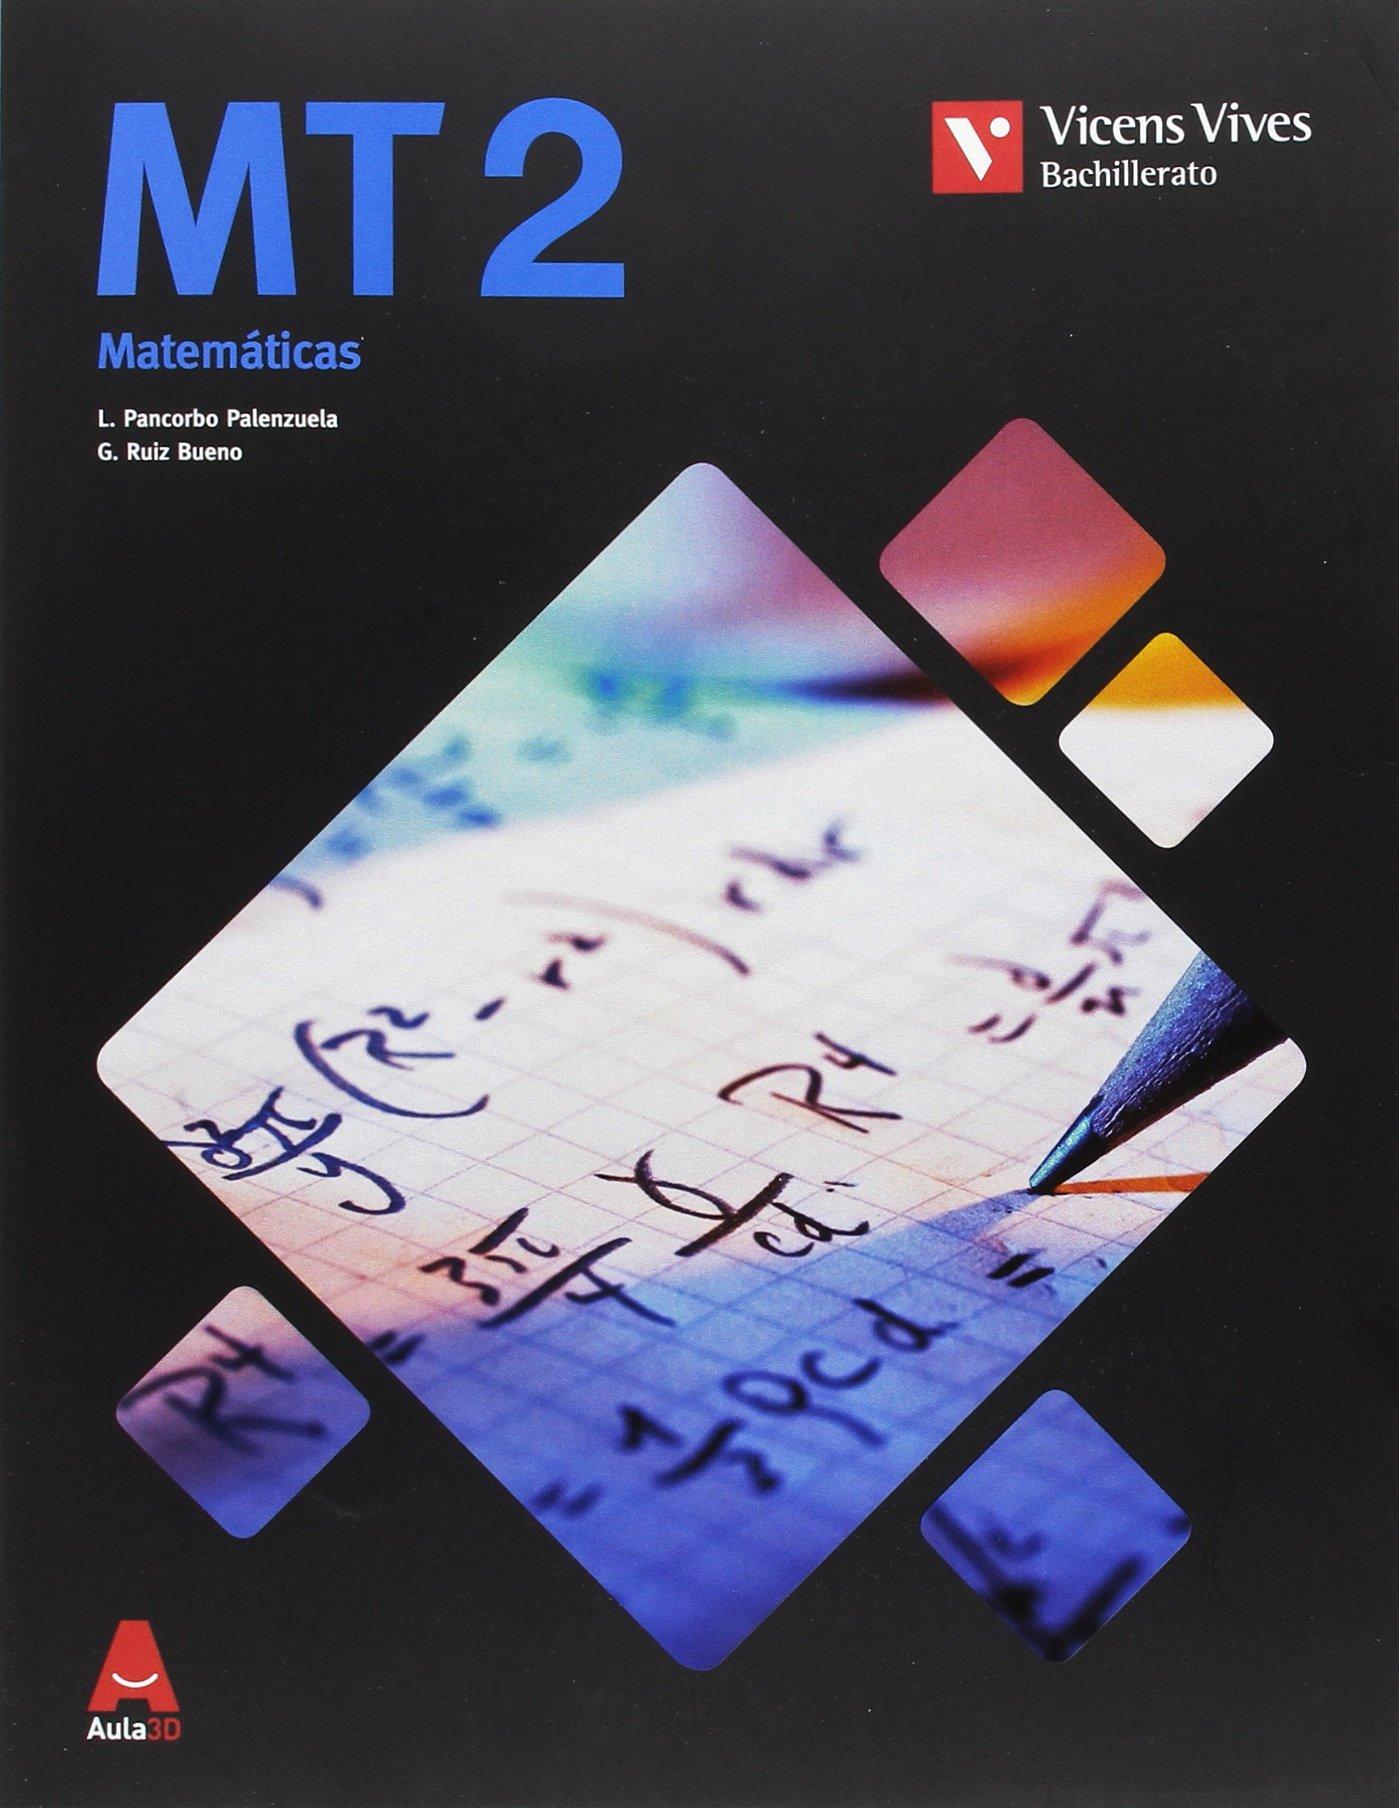 MT 2 MATEMATICAS TECNOLOGICAS BACH AULA 3D: 000001 - 9788468235844: Amazon.es: Building Math S.l.u, Ruiz Bueno, Gines: Libros